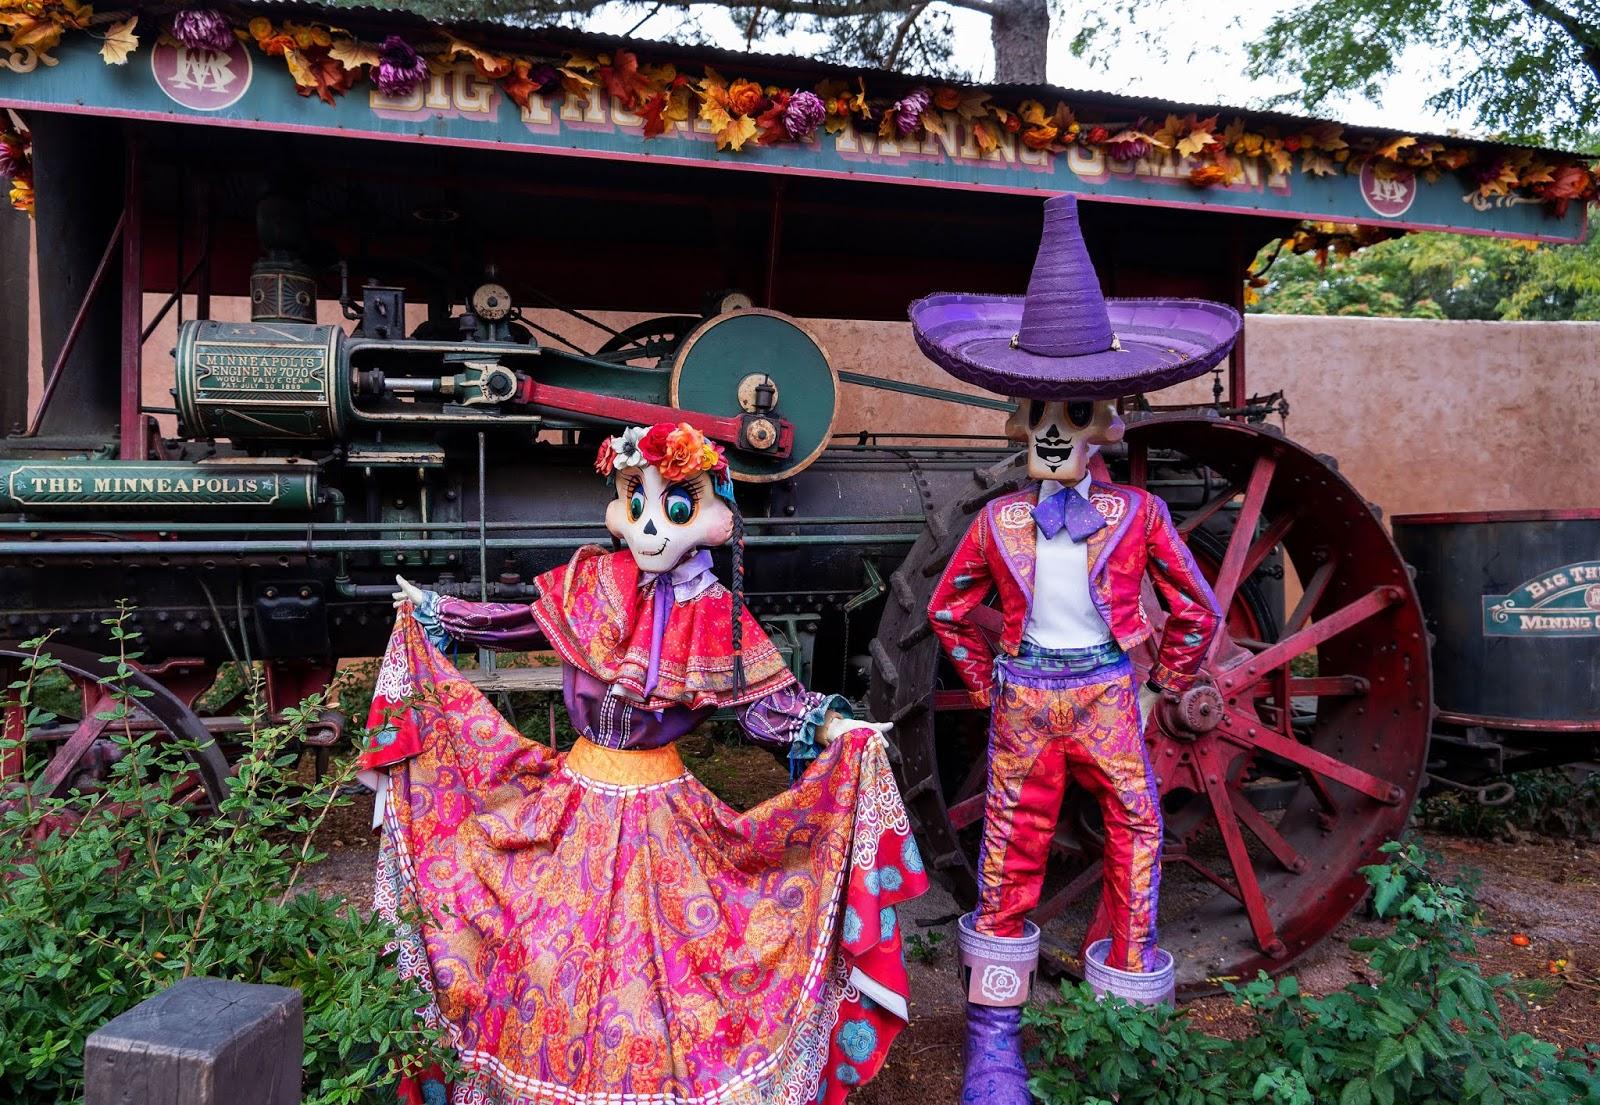 Day of the Dead displays in Frontierland, Disneyland Paris